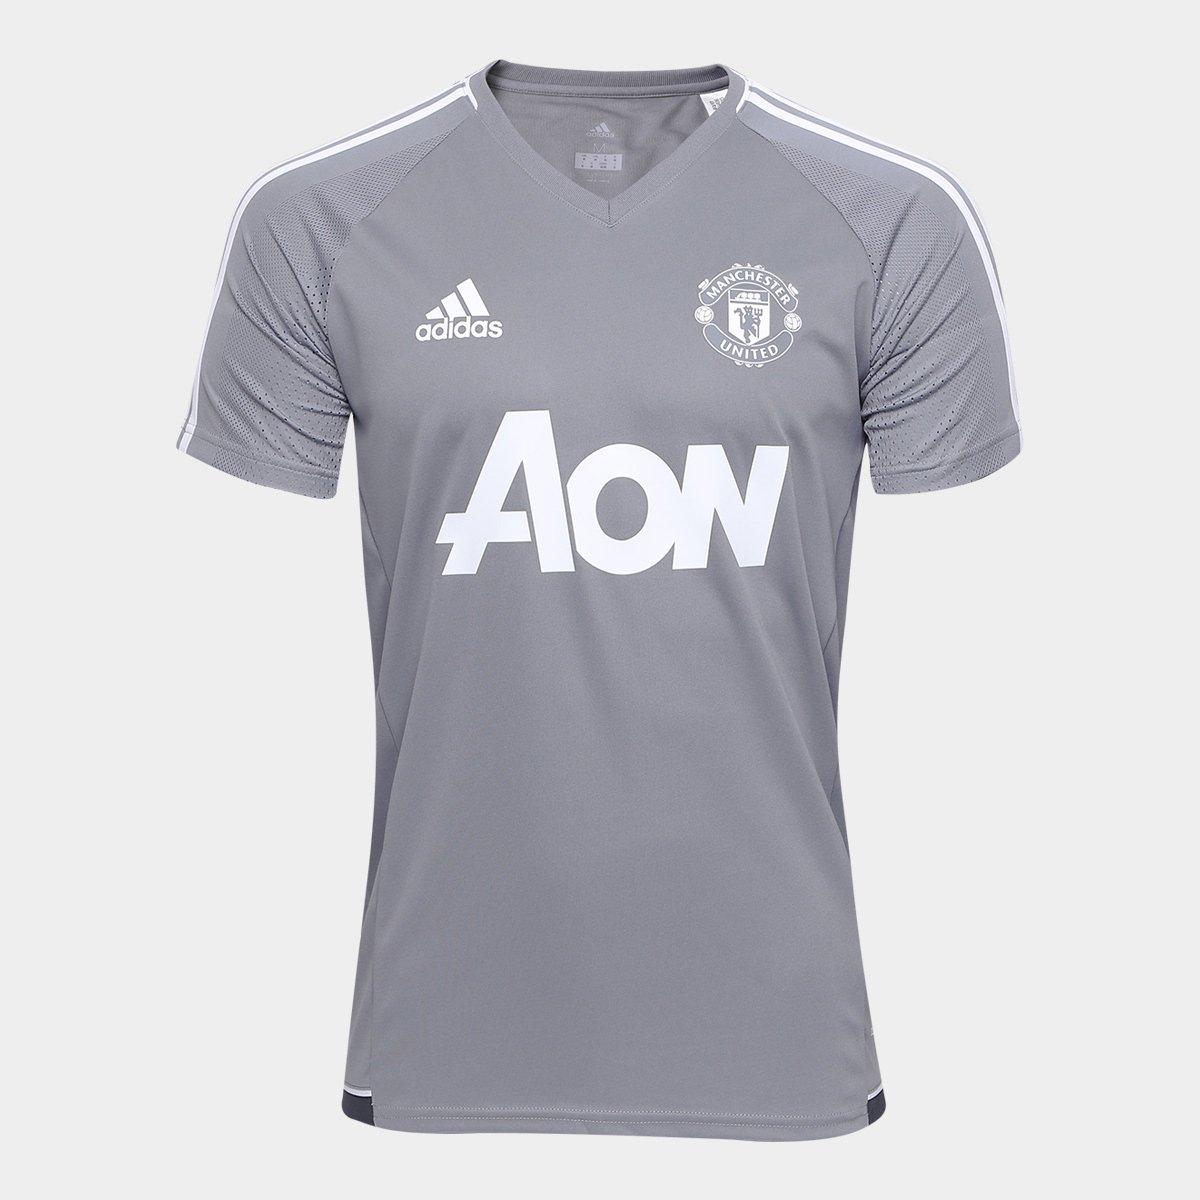 58dabe9de3 Camisa de Treino Manchester United 17 18 Adidas Masculina - Compre ...